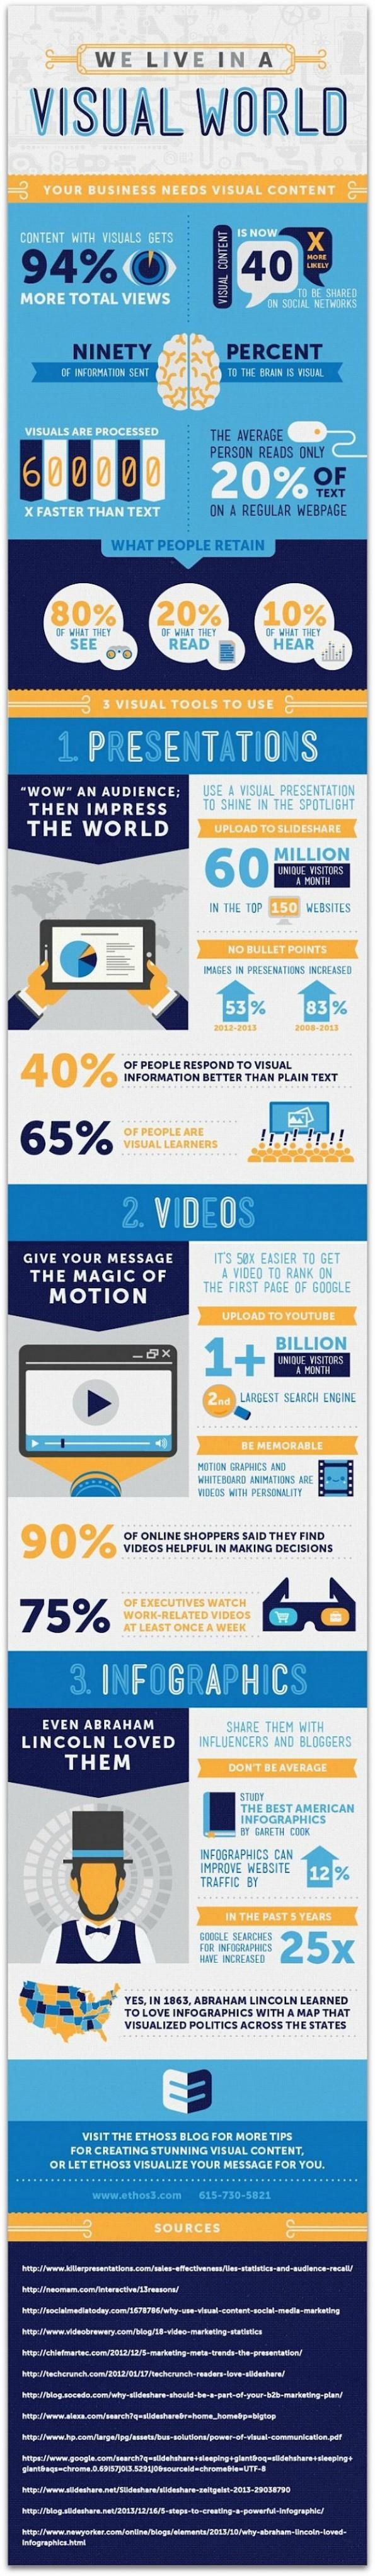 Ik-zie-ik-zie-wat-jij-niet-ziet-waarom-visuele-content-beter-scoort-dan-tekst-infographic-595x4091